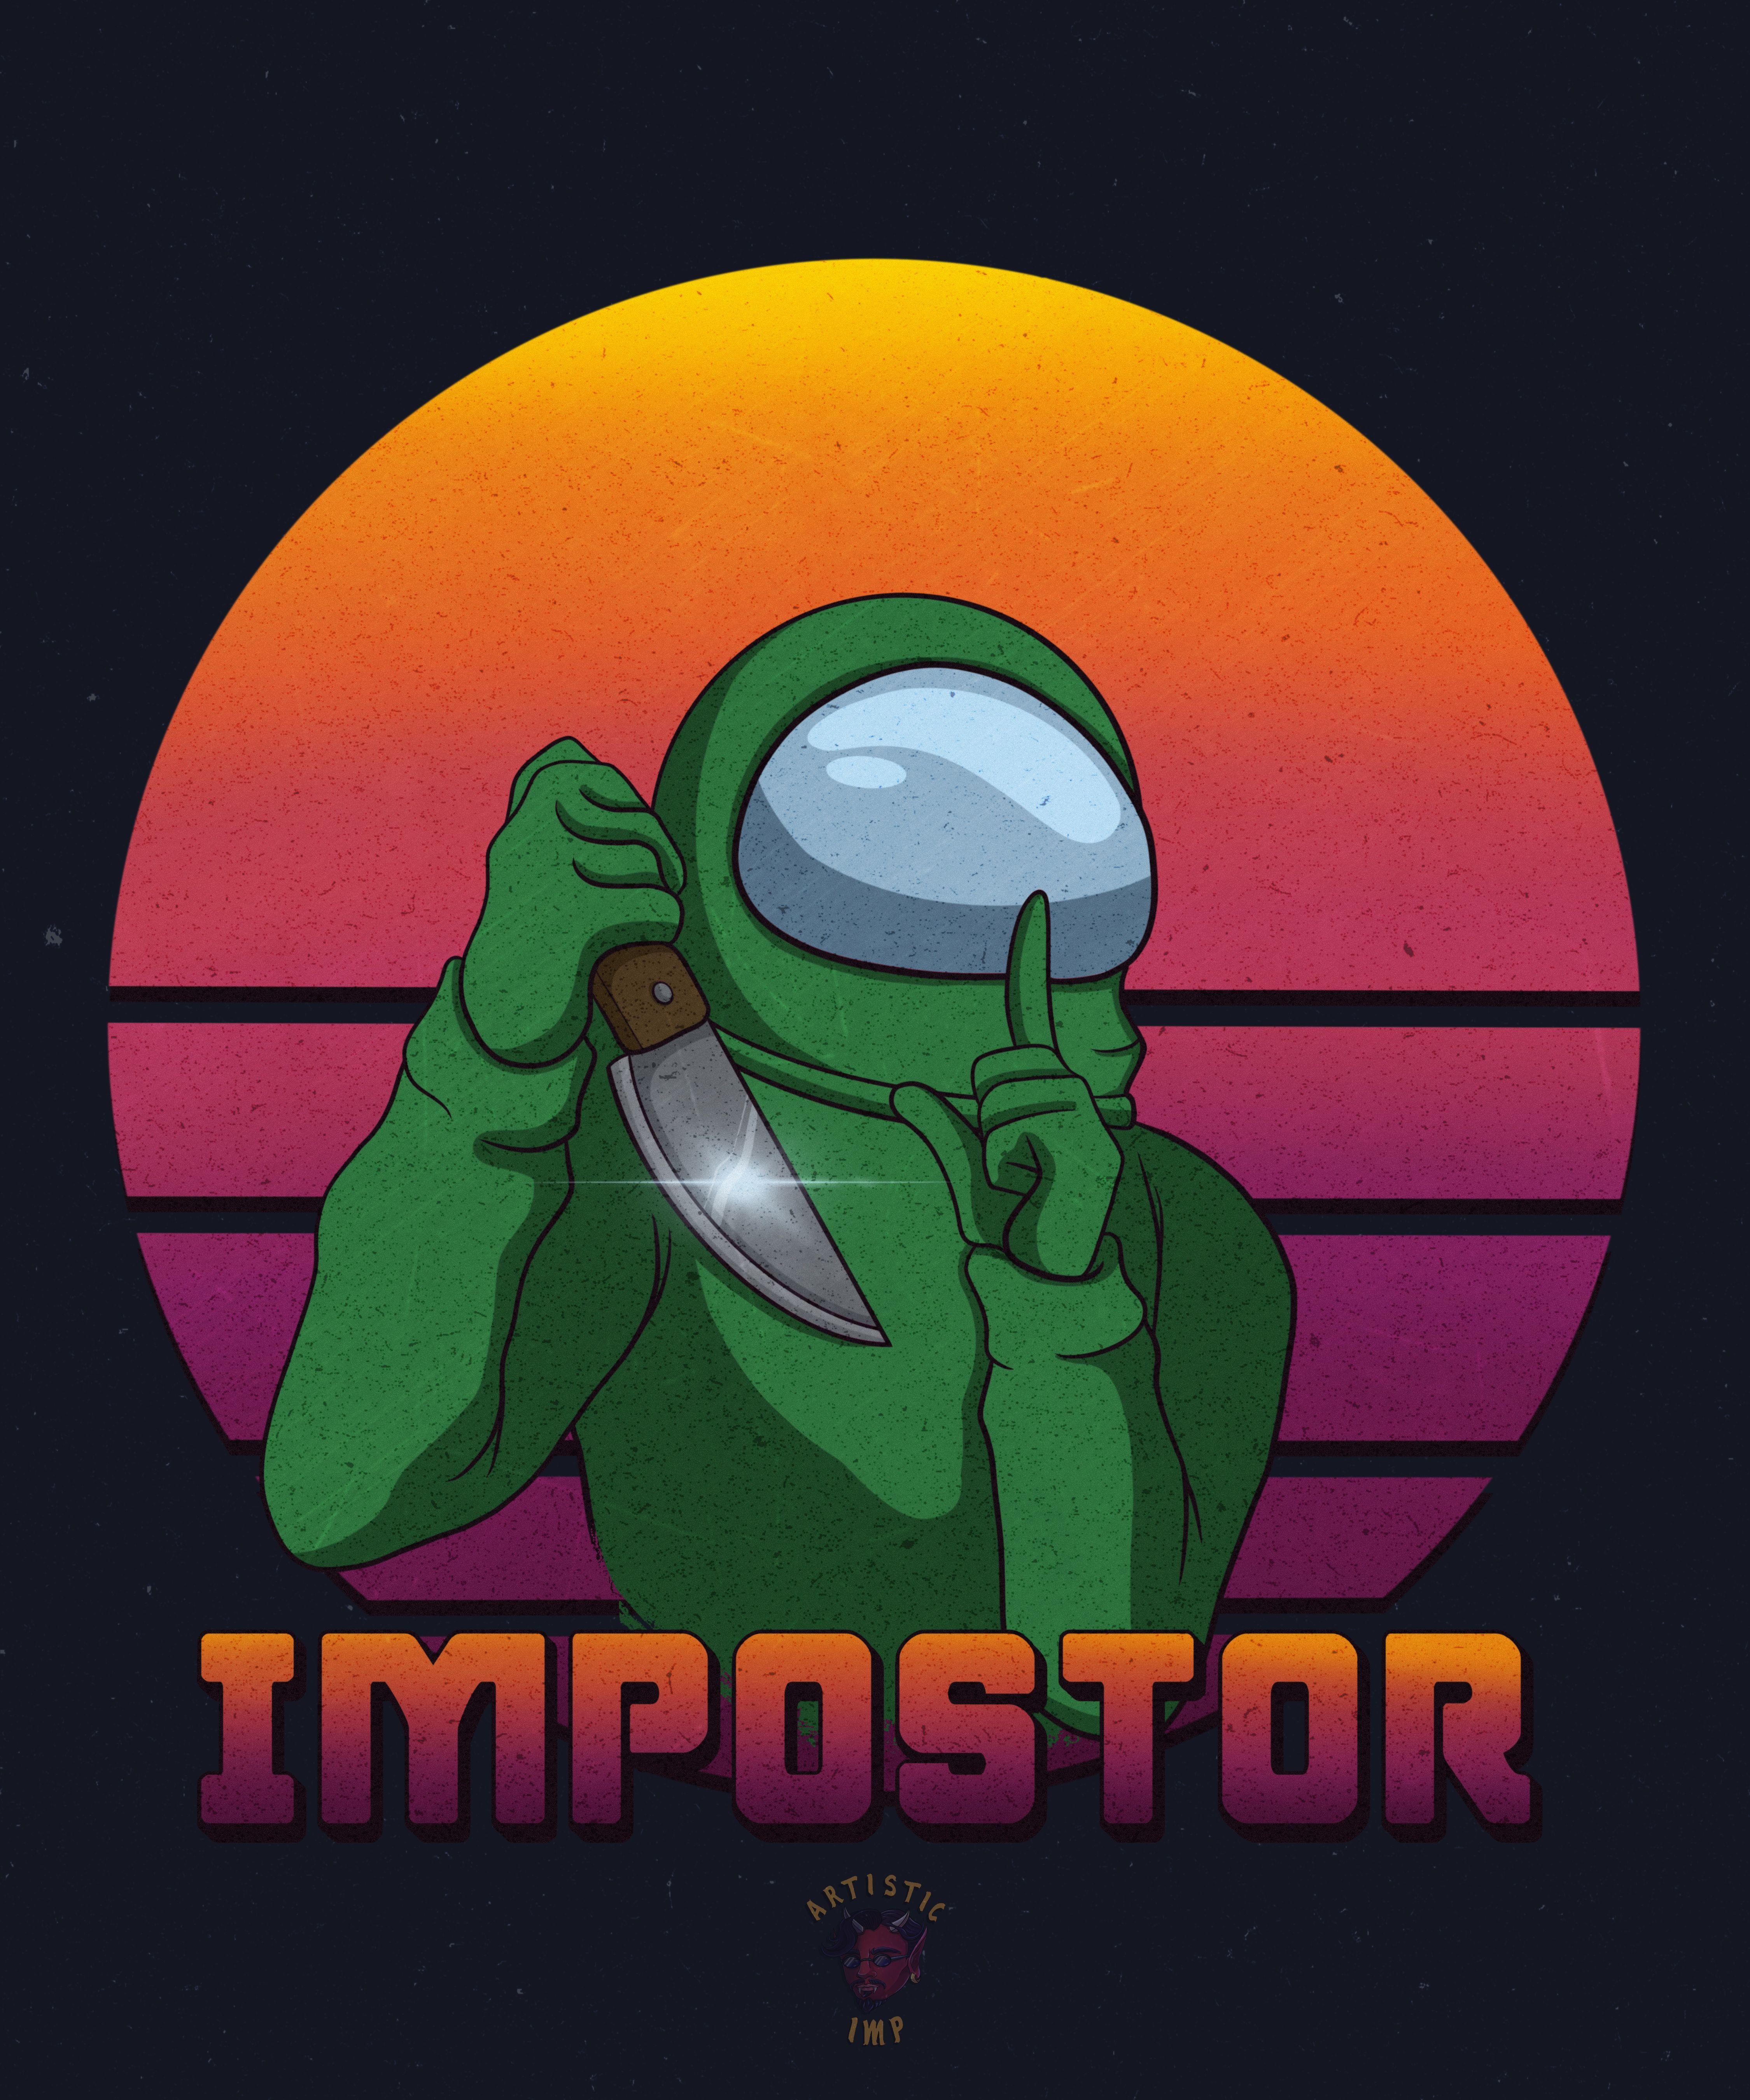 Among Us Impostor Green Crewmate Lime Green Wallpaper Cute Patterns Wallpaper Green Wallpaper